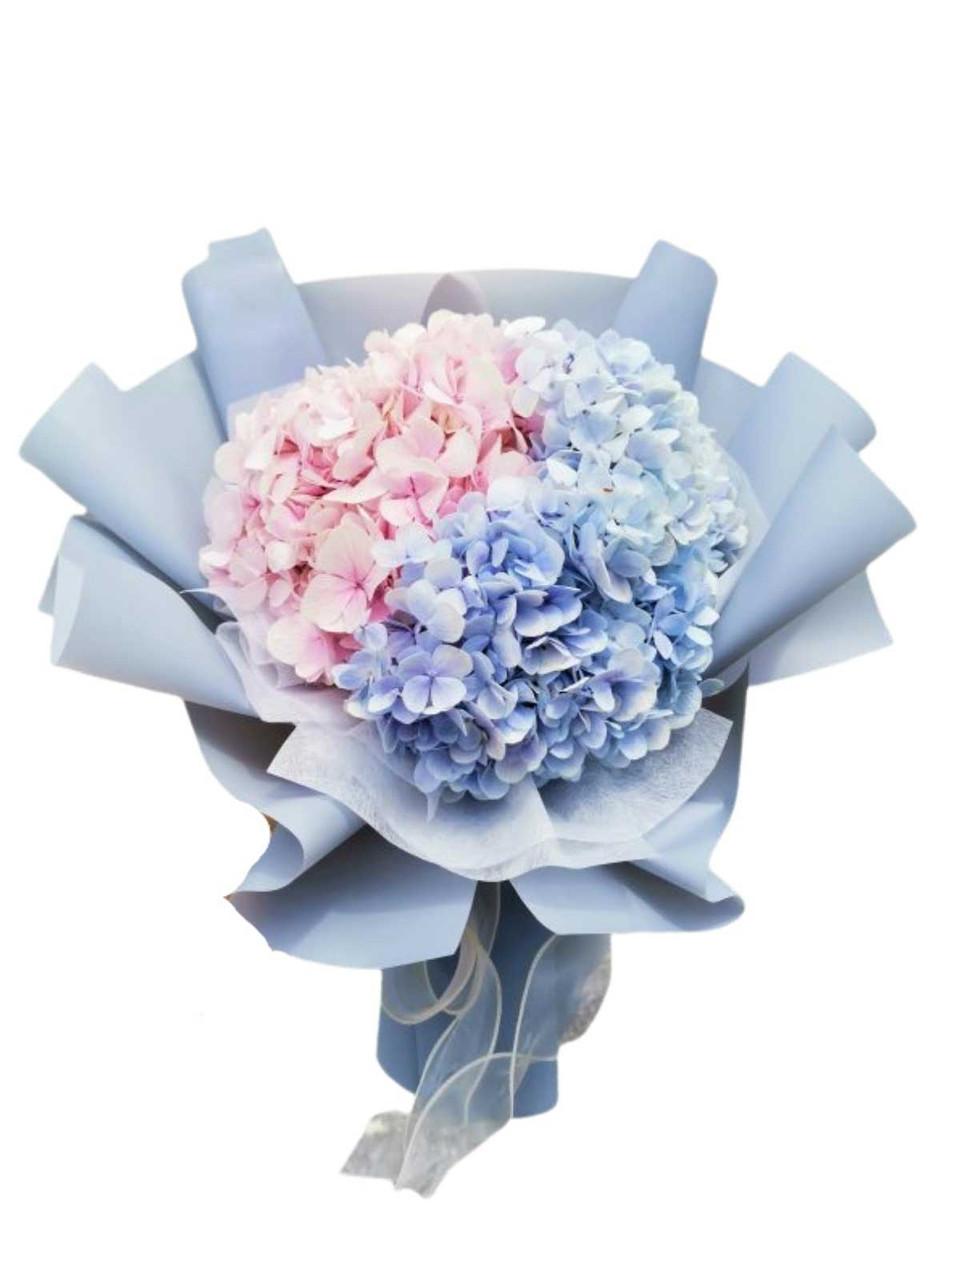 Lavender & Pink Hydrangeas Bouquet